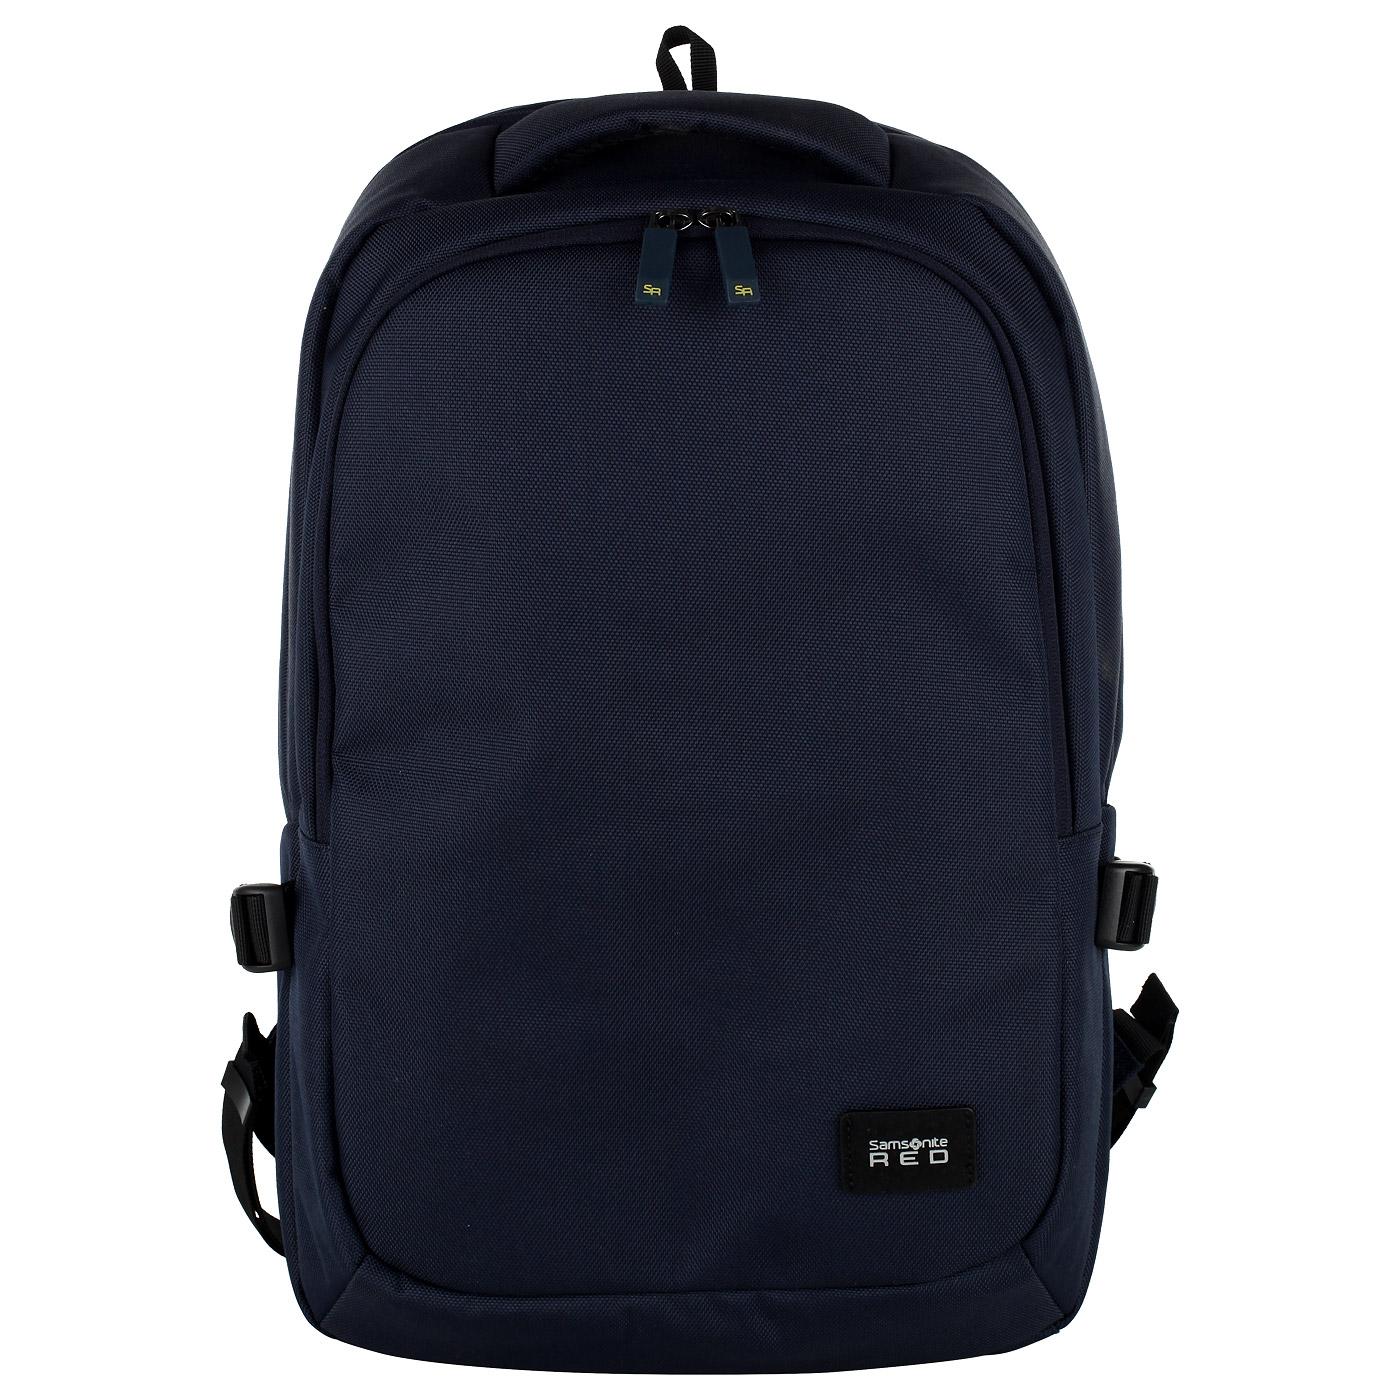 Синий рюкзак с отделением для ноутбука Samsonite Red Tedwin AU841001 ... 3e6799cc1fe